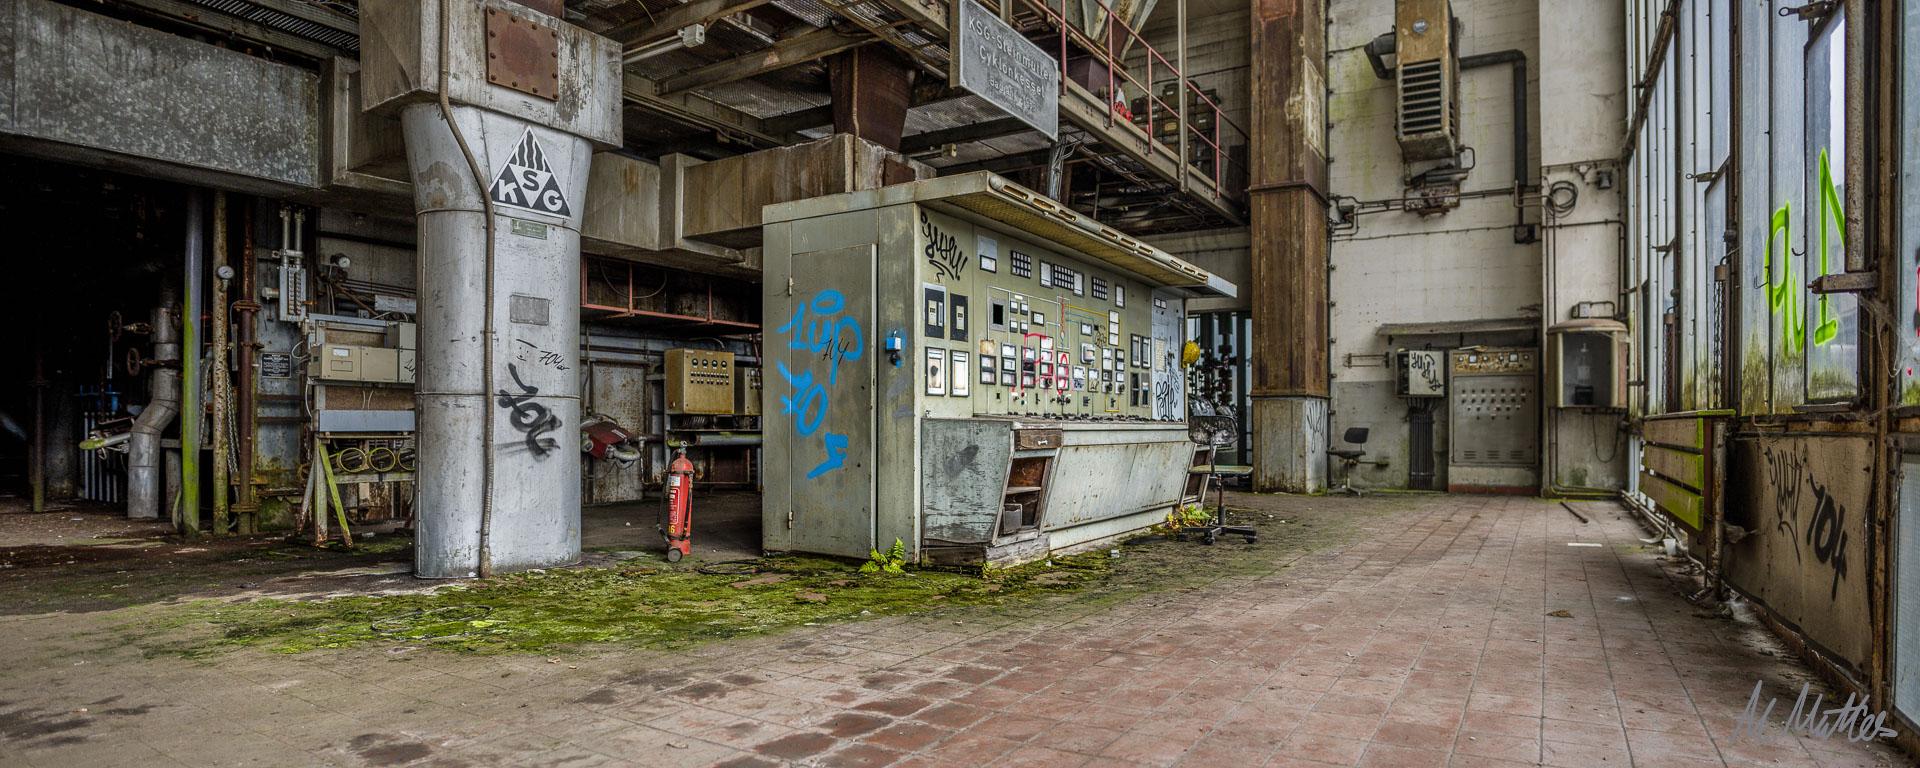 Papierfabrik Revisit 2016